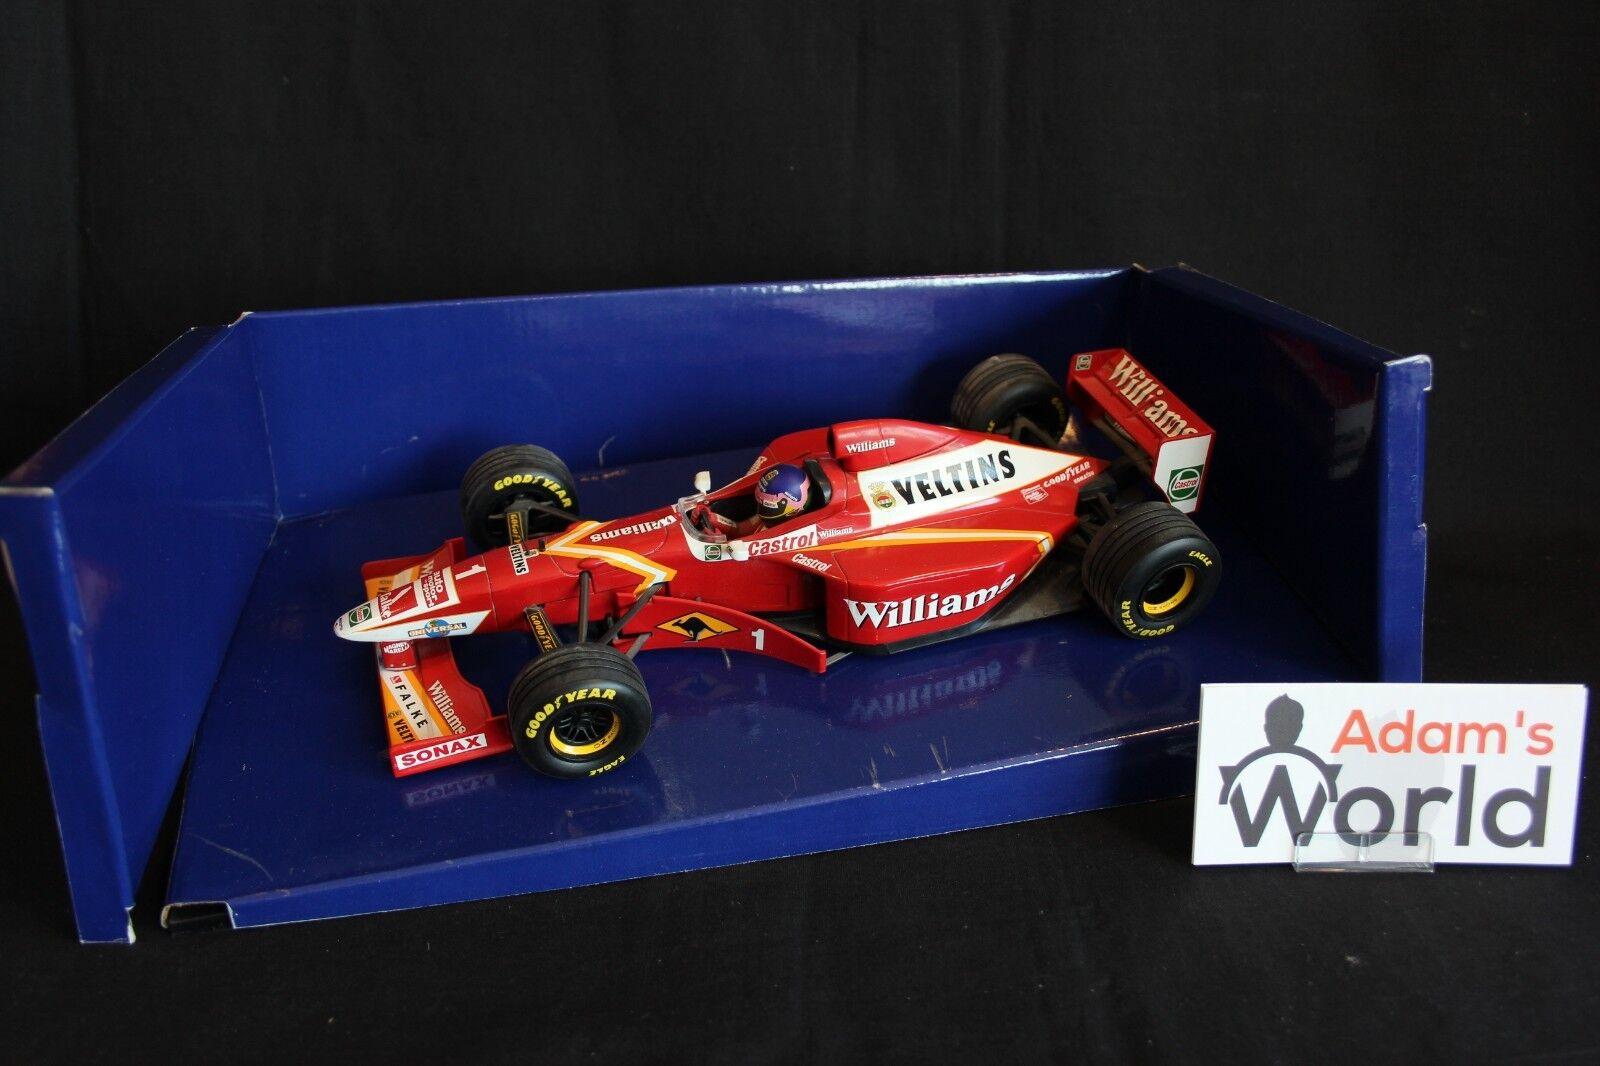 Minichamps Williams Mecachrome Show car 1998 1 18  1 Jacques Villeneuve (CAN)